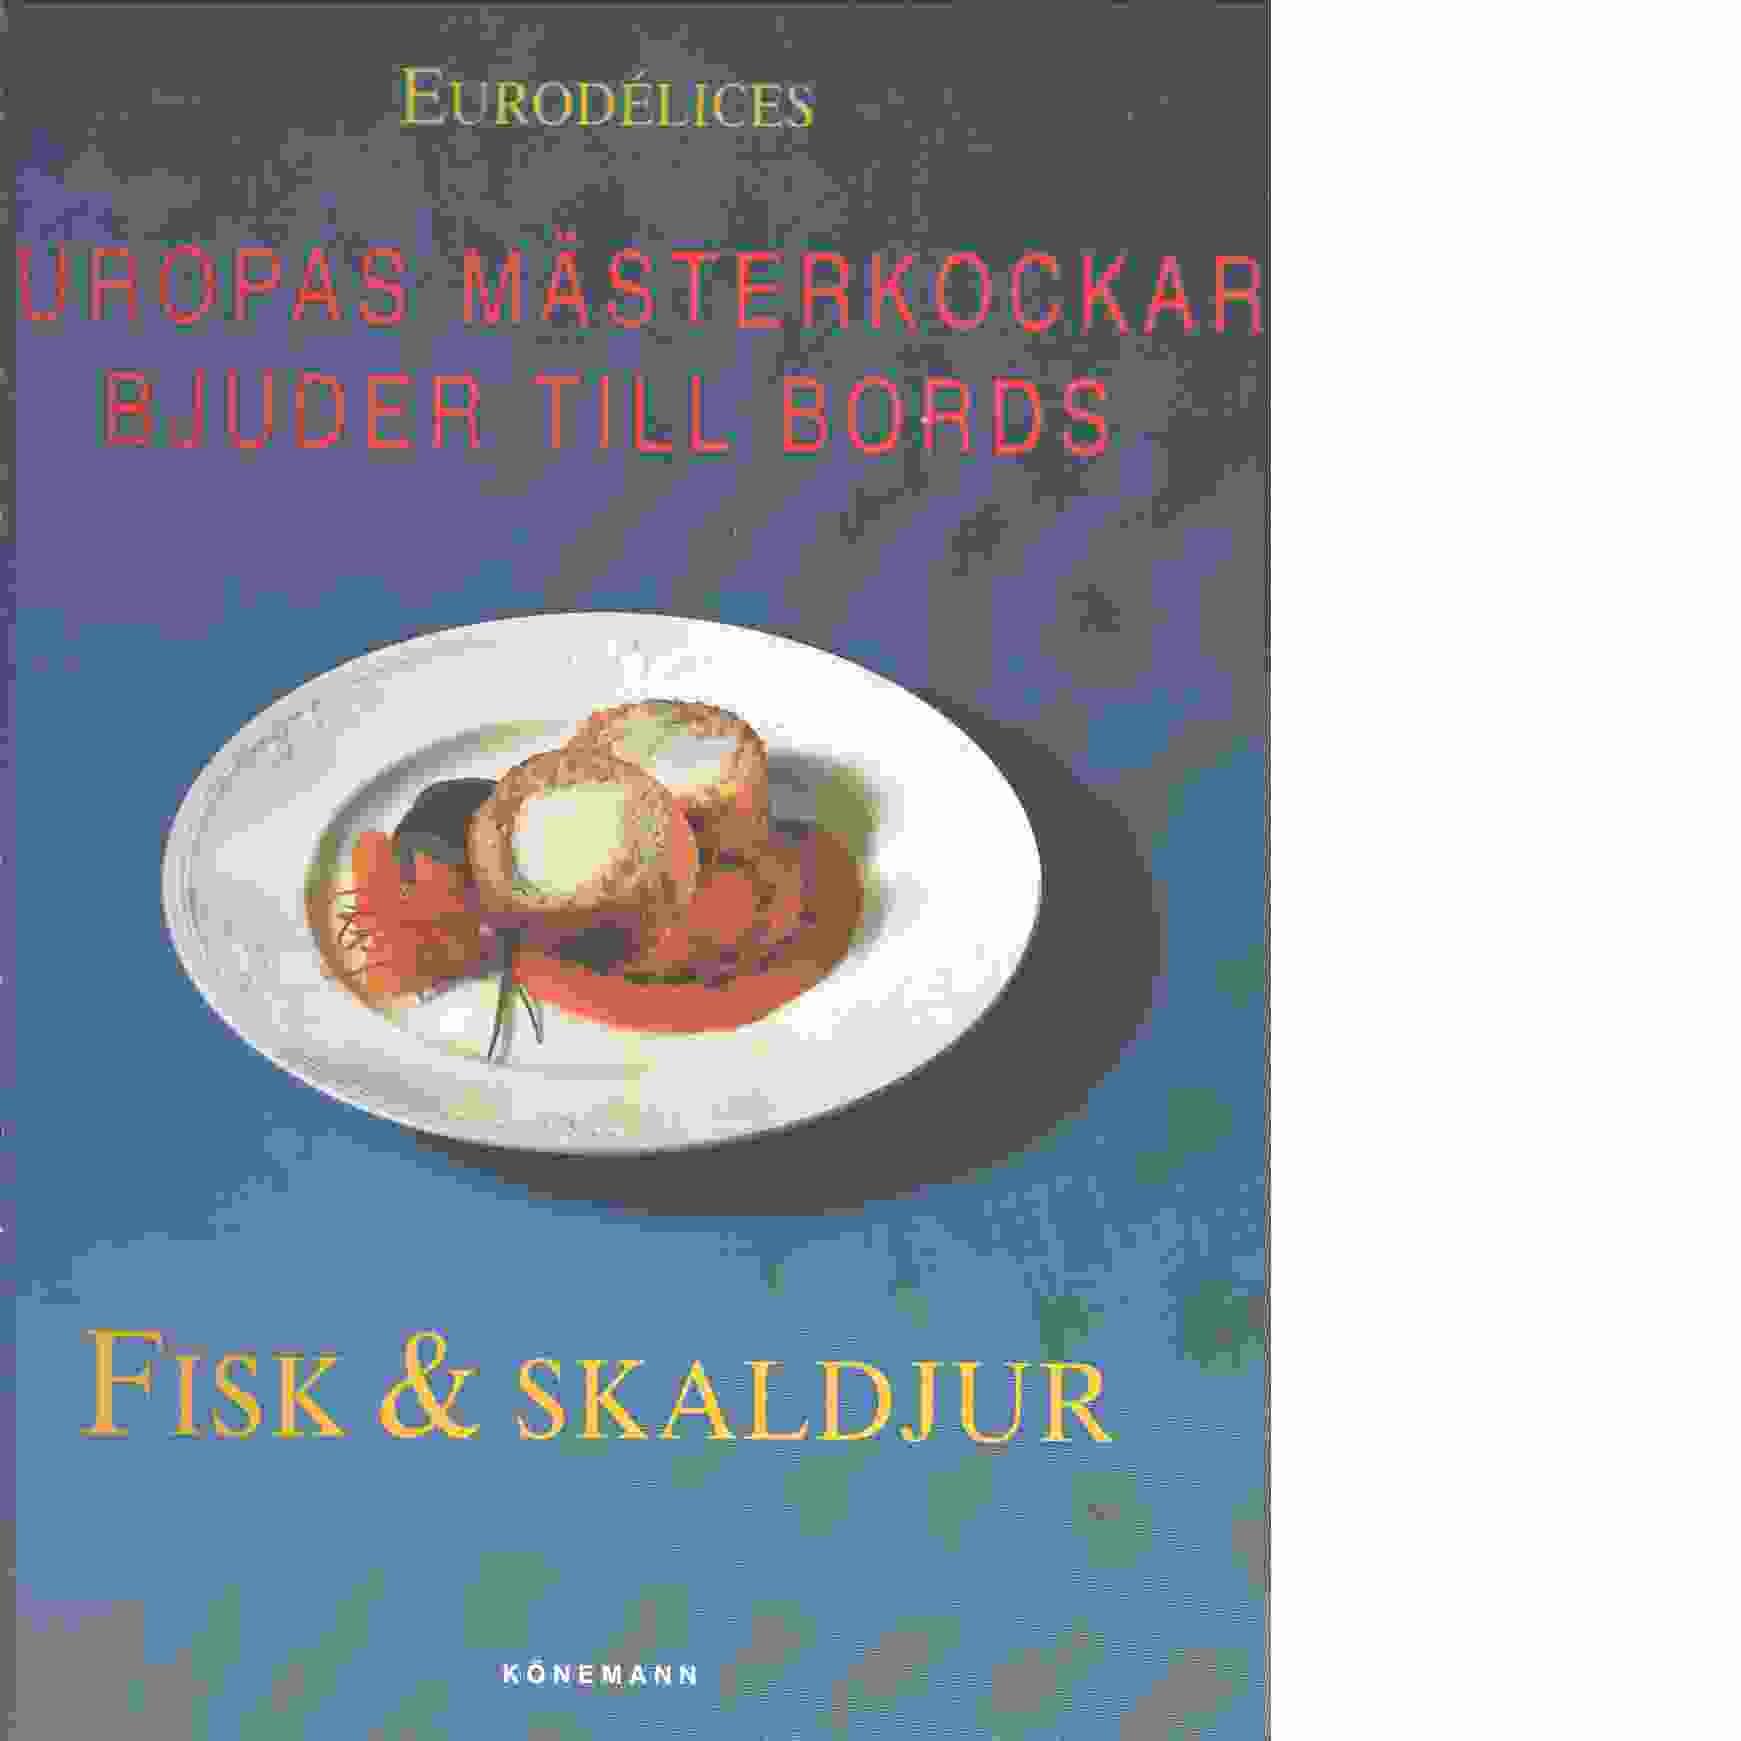 Fisk & skaldjur: Europas mästerkockar bjuder till bords - Red.